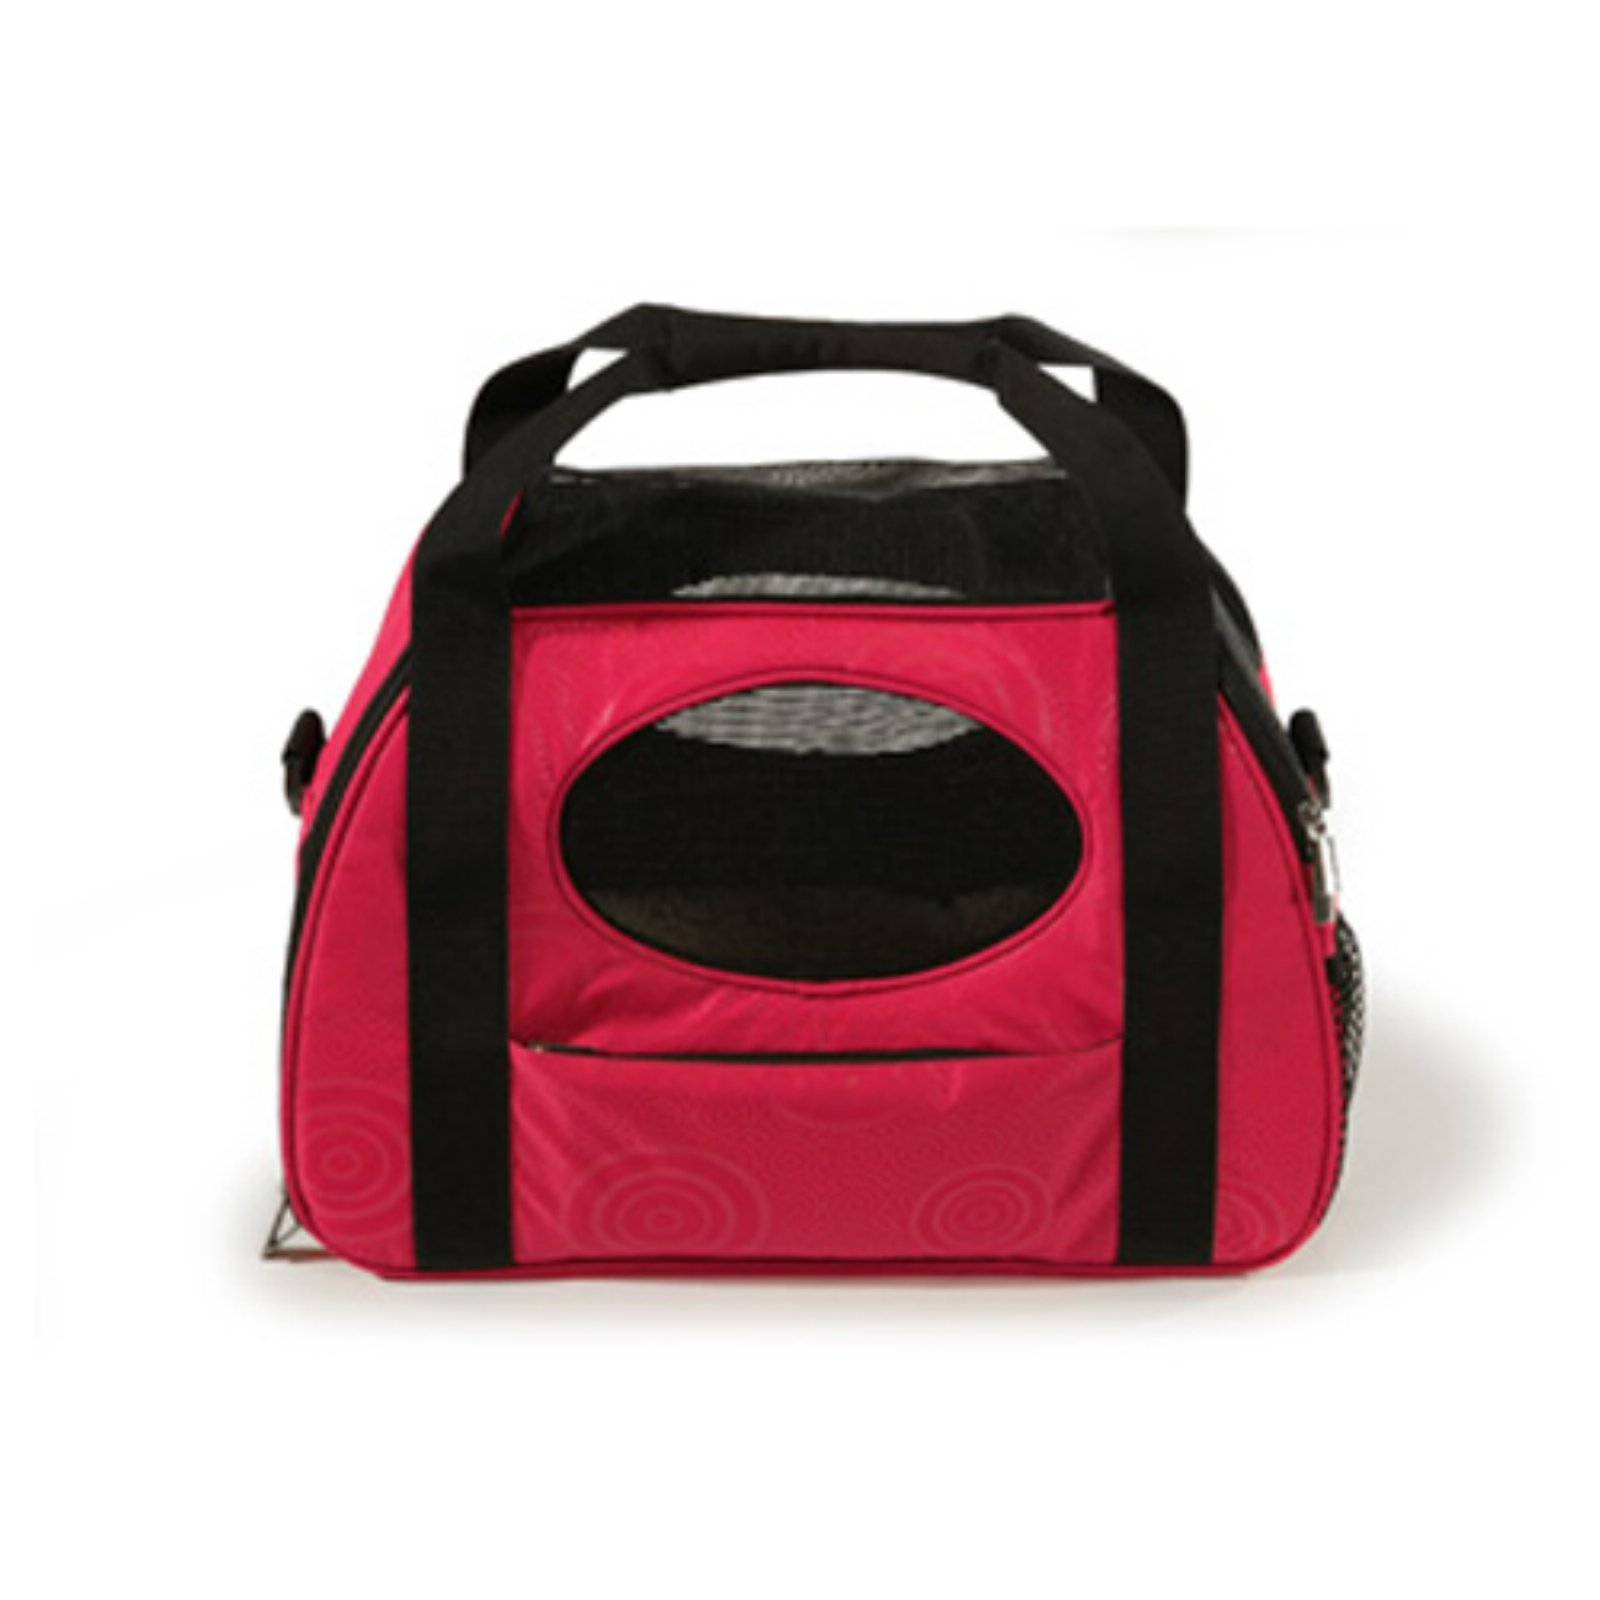 Gen7Pets Carry-Me Fashion Pet Carrier